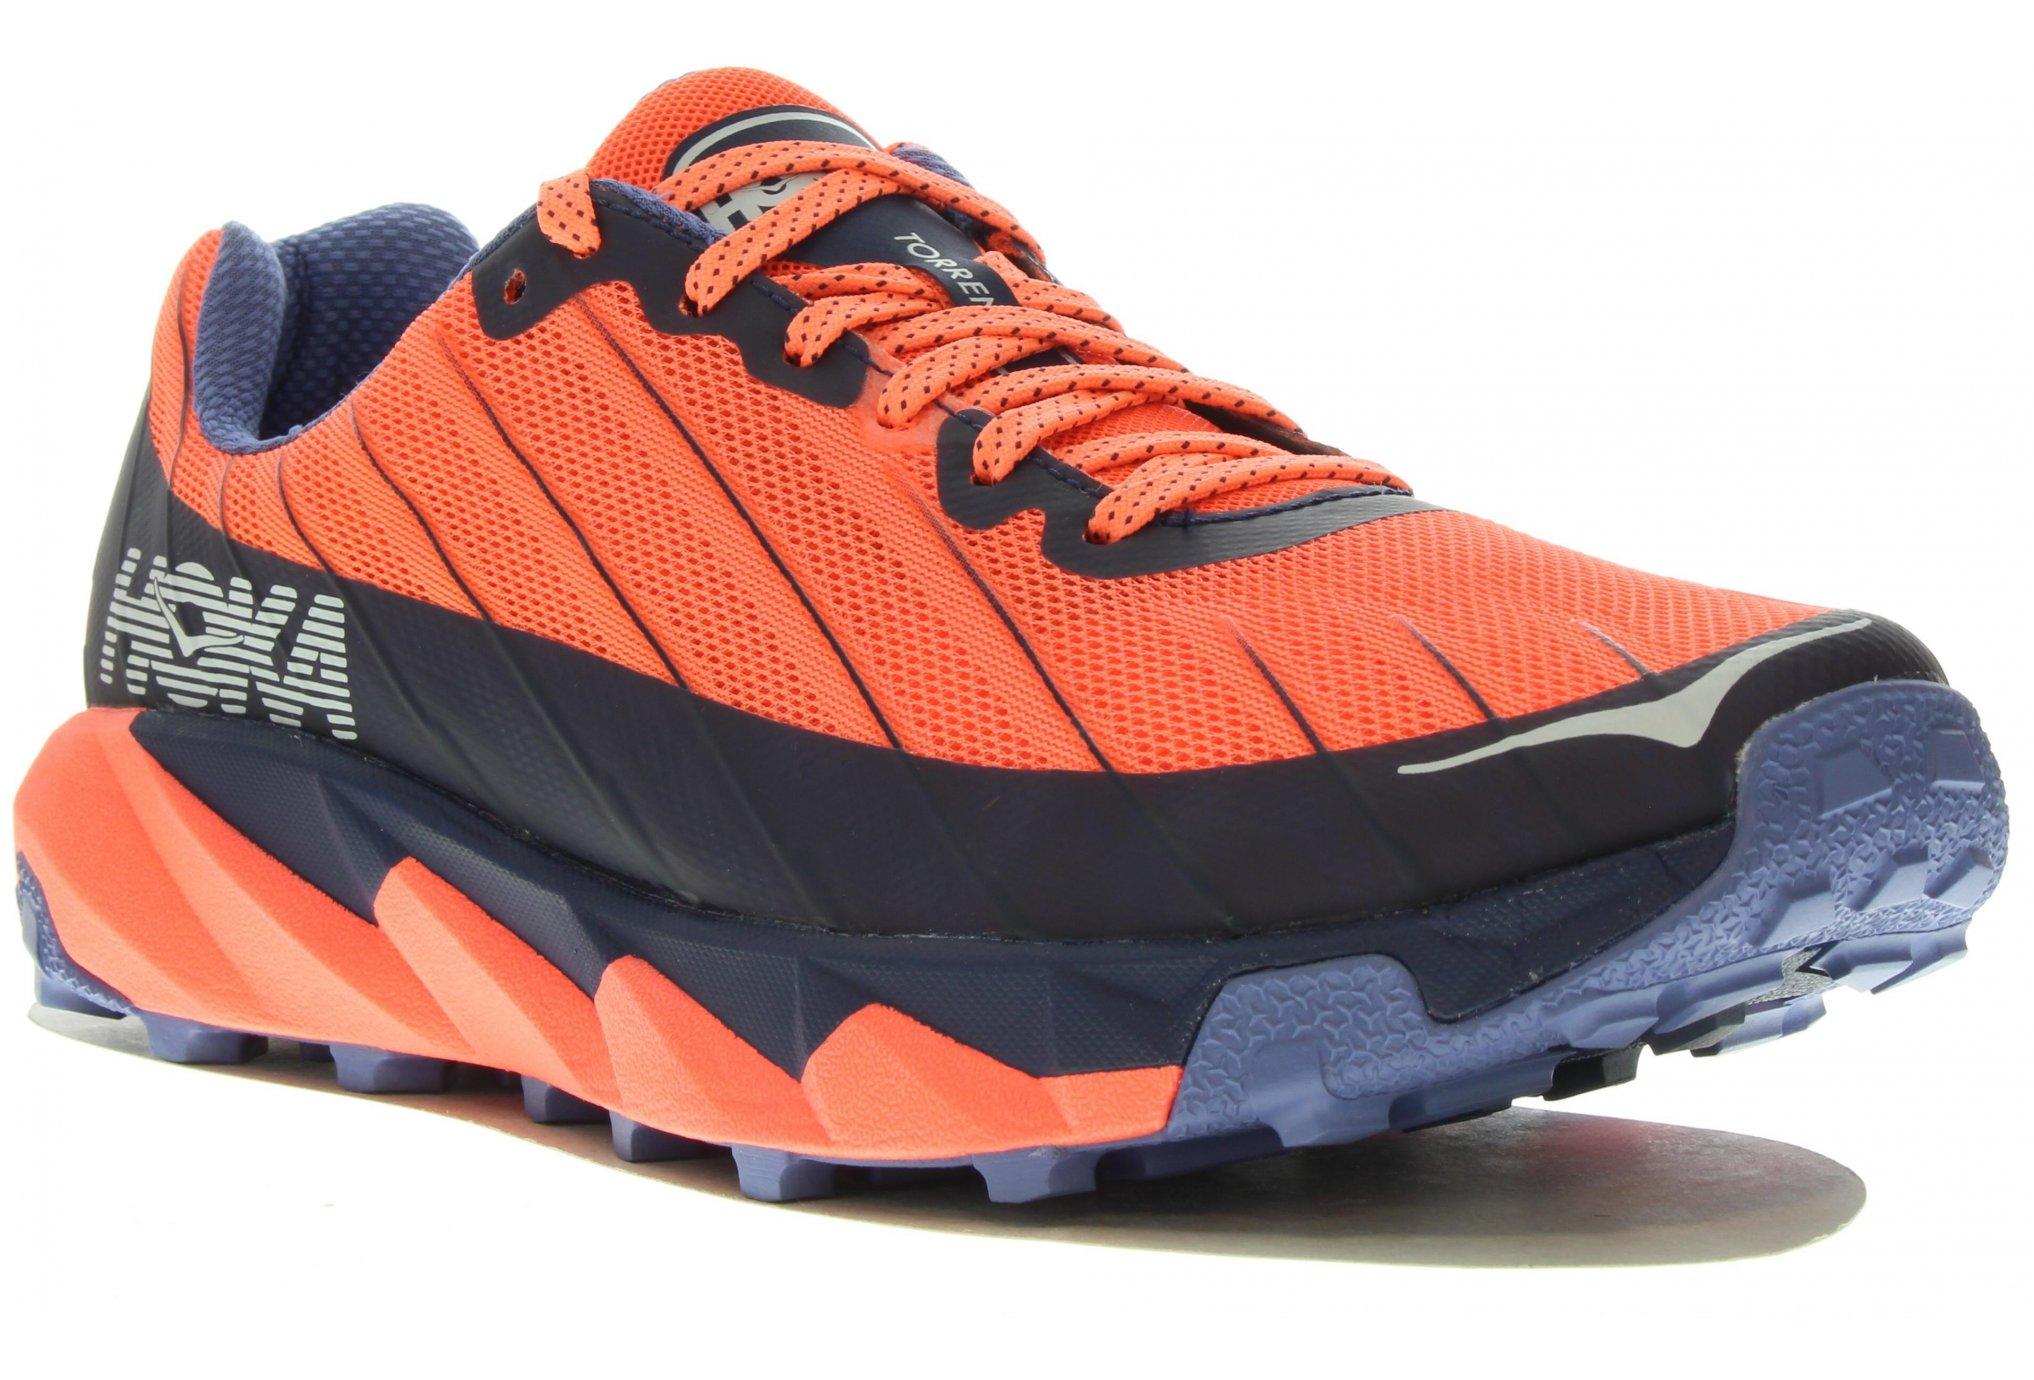 Adidas D'orageU DyeTest Trail Les Par Temps Terrex Non Two Boa CotxQrshdB